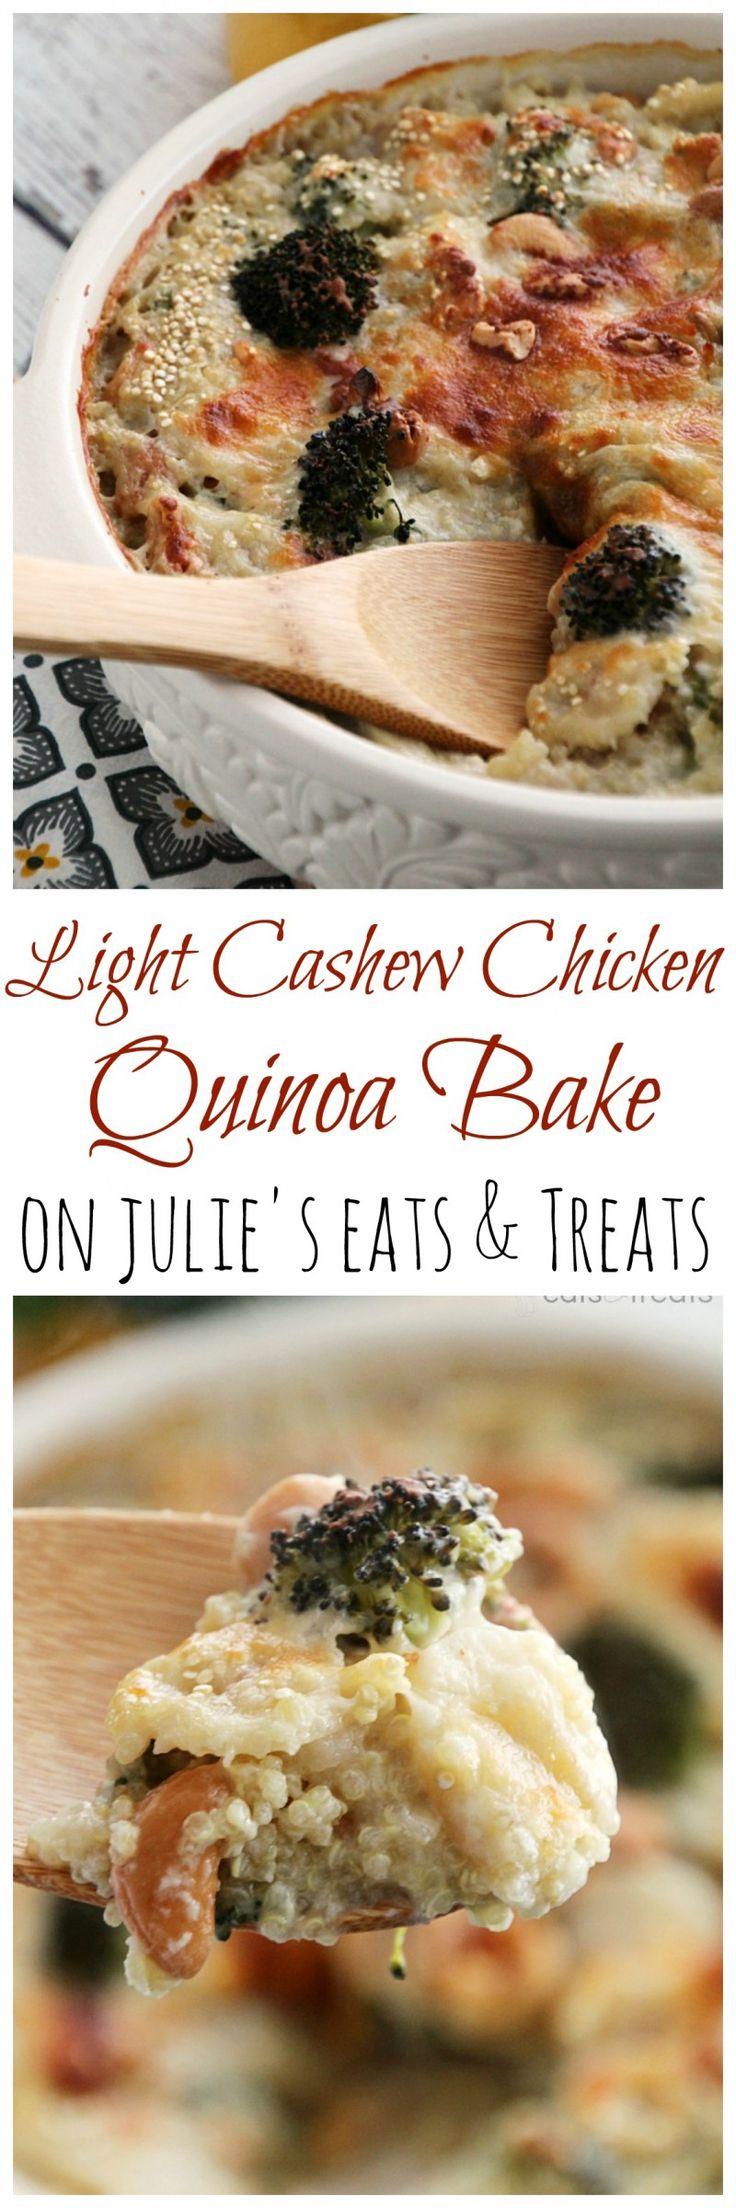 Light Cashew Chicken Quinoa Bake  Recipe  Broccoli -4370